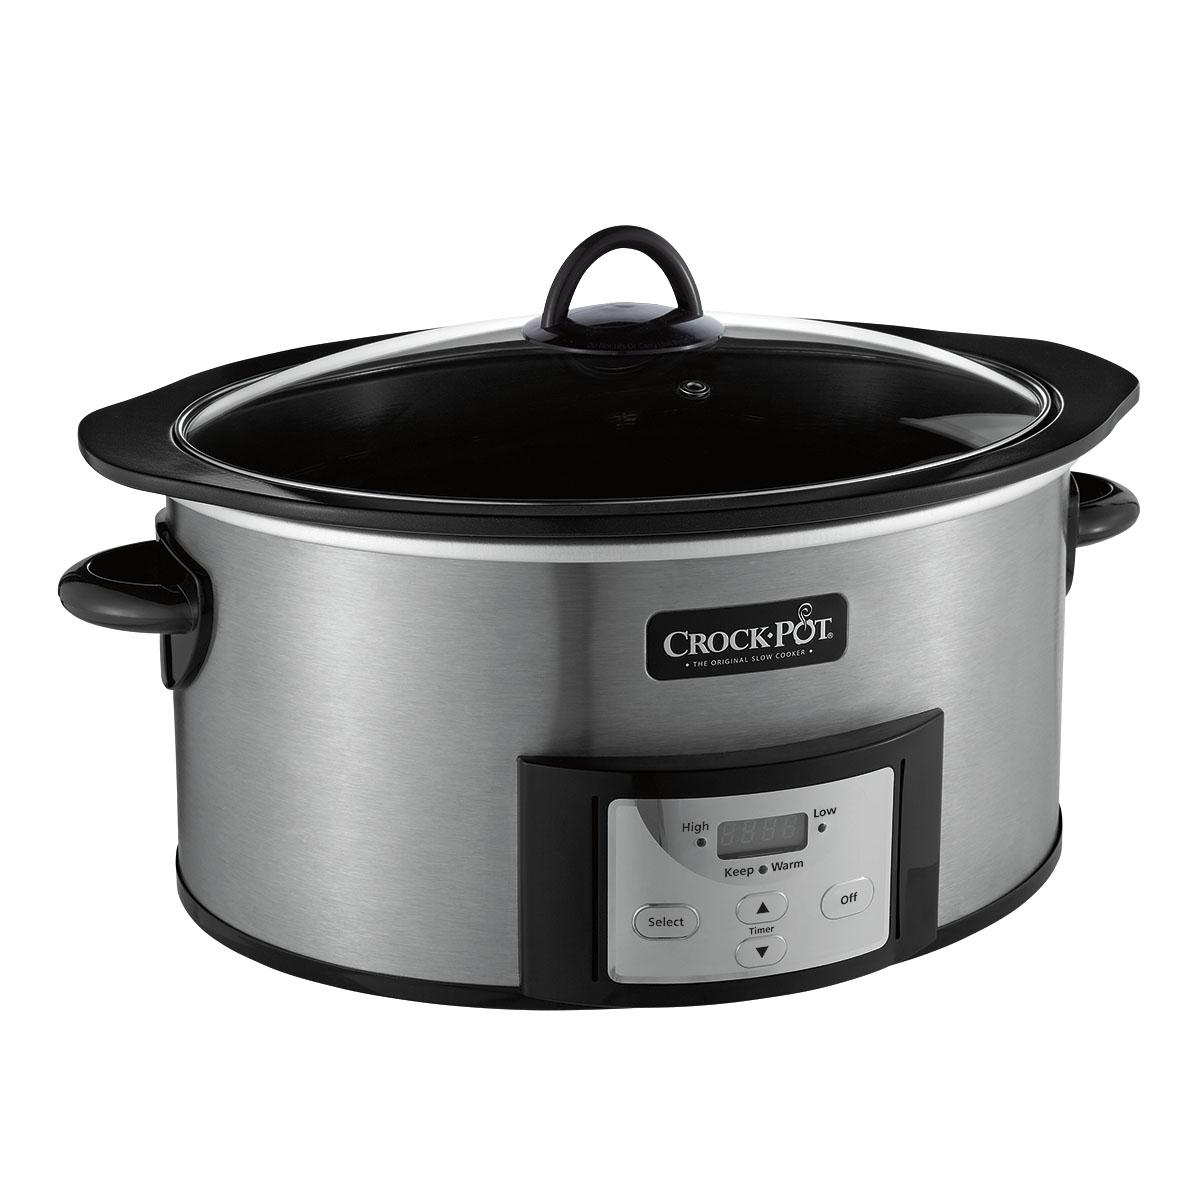 Mijoteuse Crock-Pot de 6 pintes avec récipient de cuisson ...